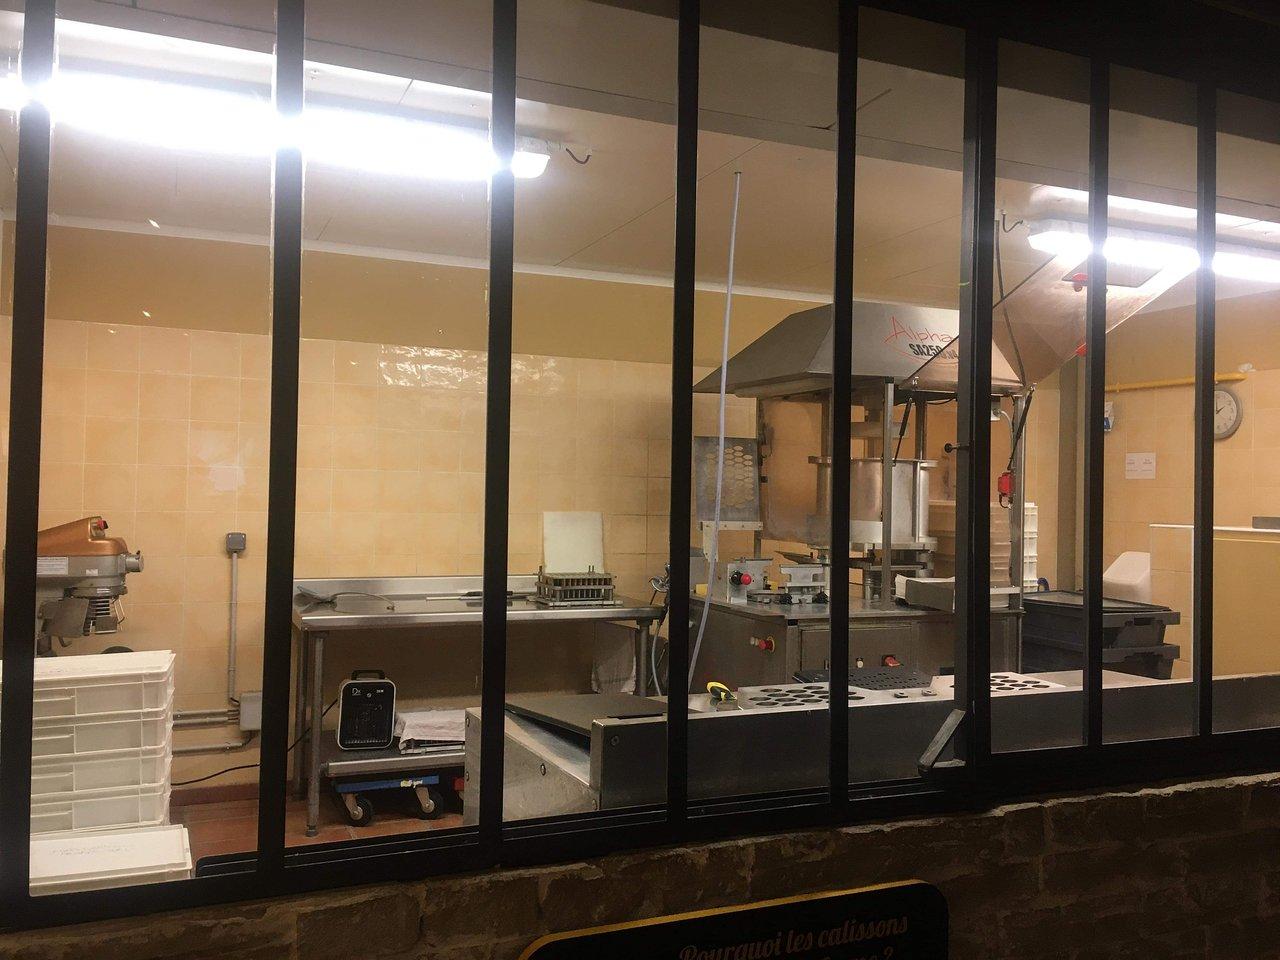 Alu Design Vaison La Romaine musee du nougat fabrique arnaud soubeyran (montelimar